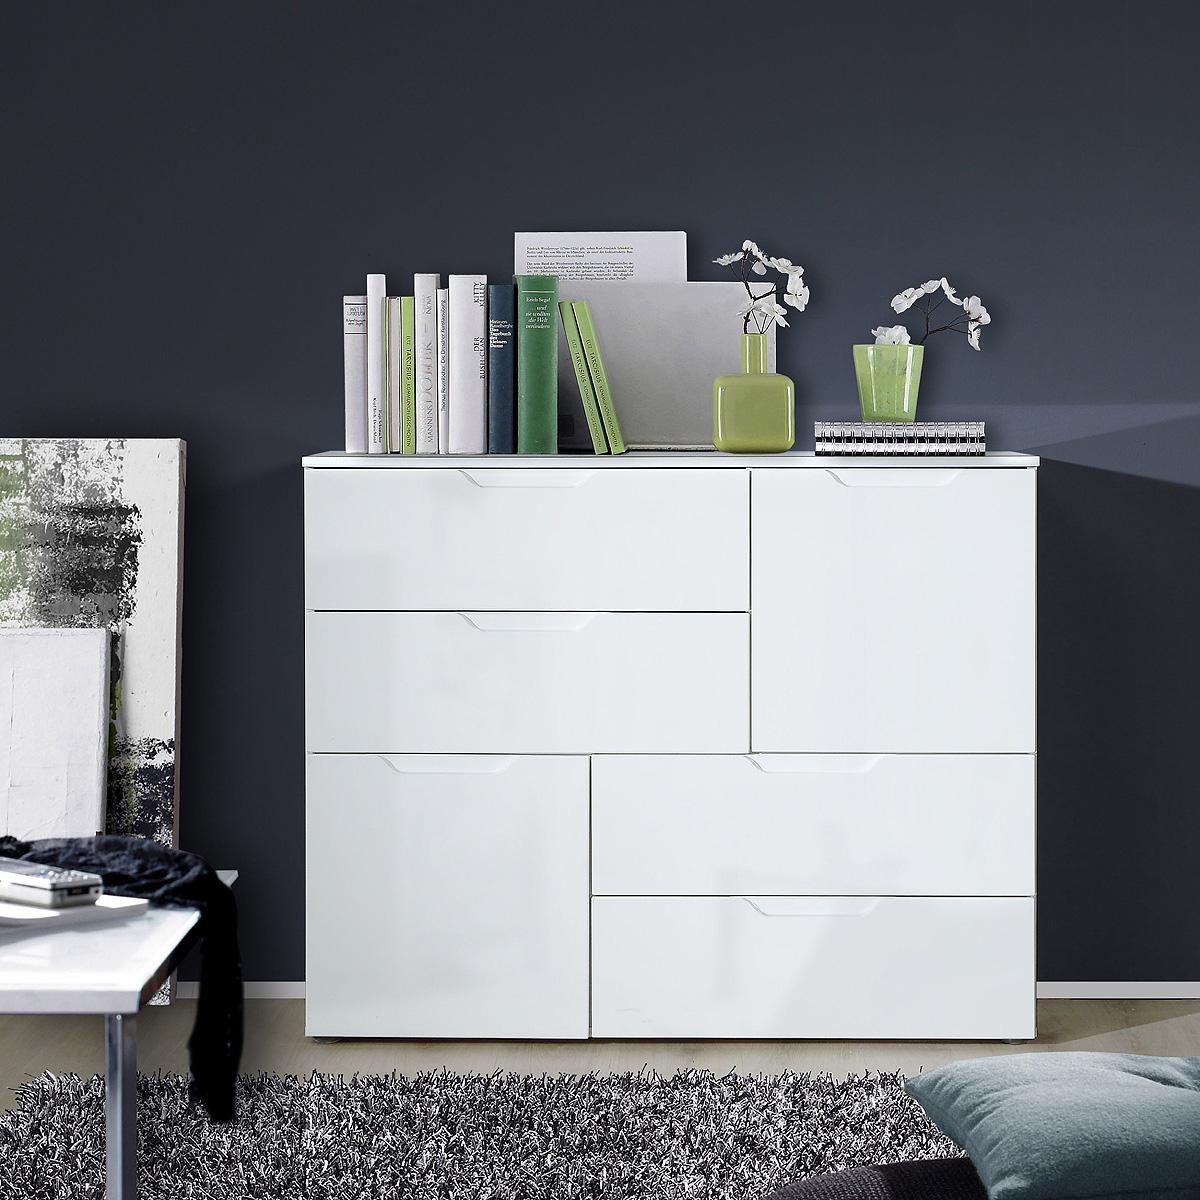 kommode 2 sienna anrichte sideboard schubkastenkommode in wei hochglanz eur 188 95 picclick de. Black Bedroom Furniture Sets. Home Design Ideas